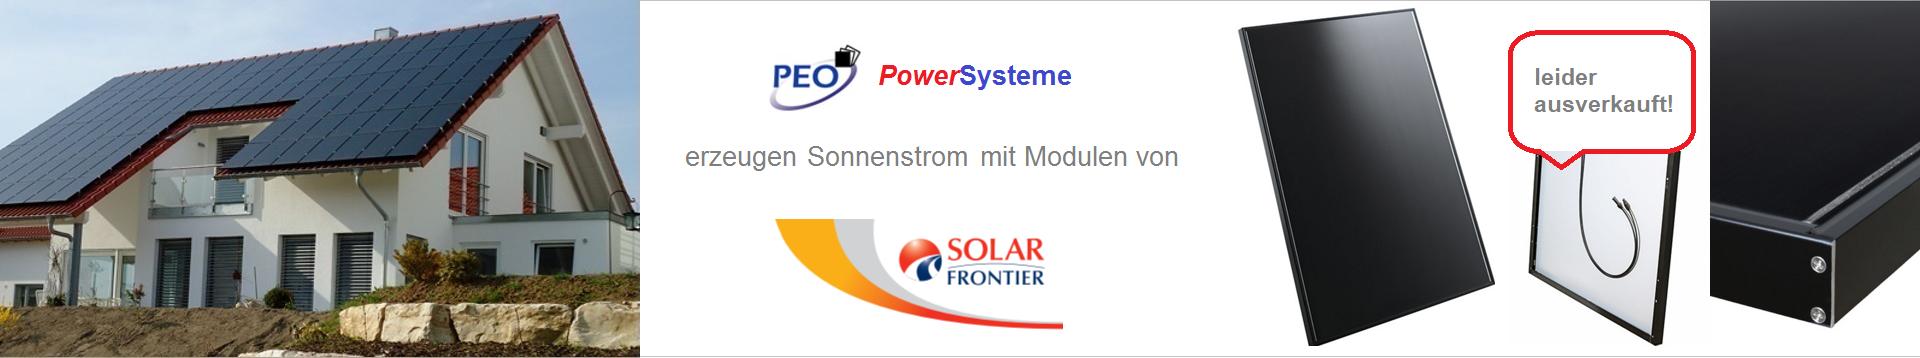 PowerSystem HOMEline & DESIGNline Komplett-Bausätze für Häuser